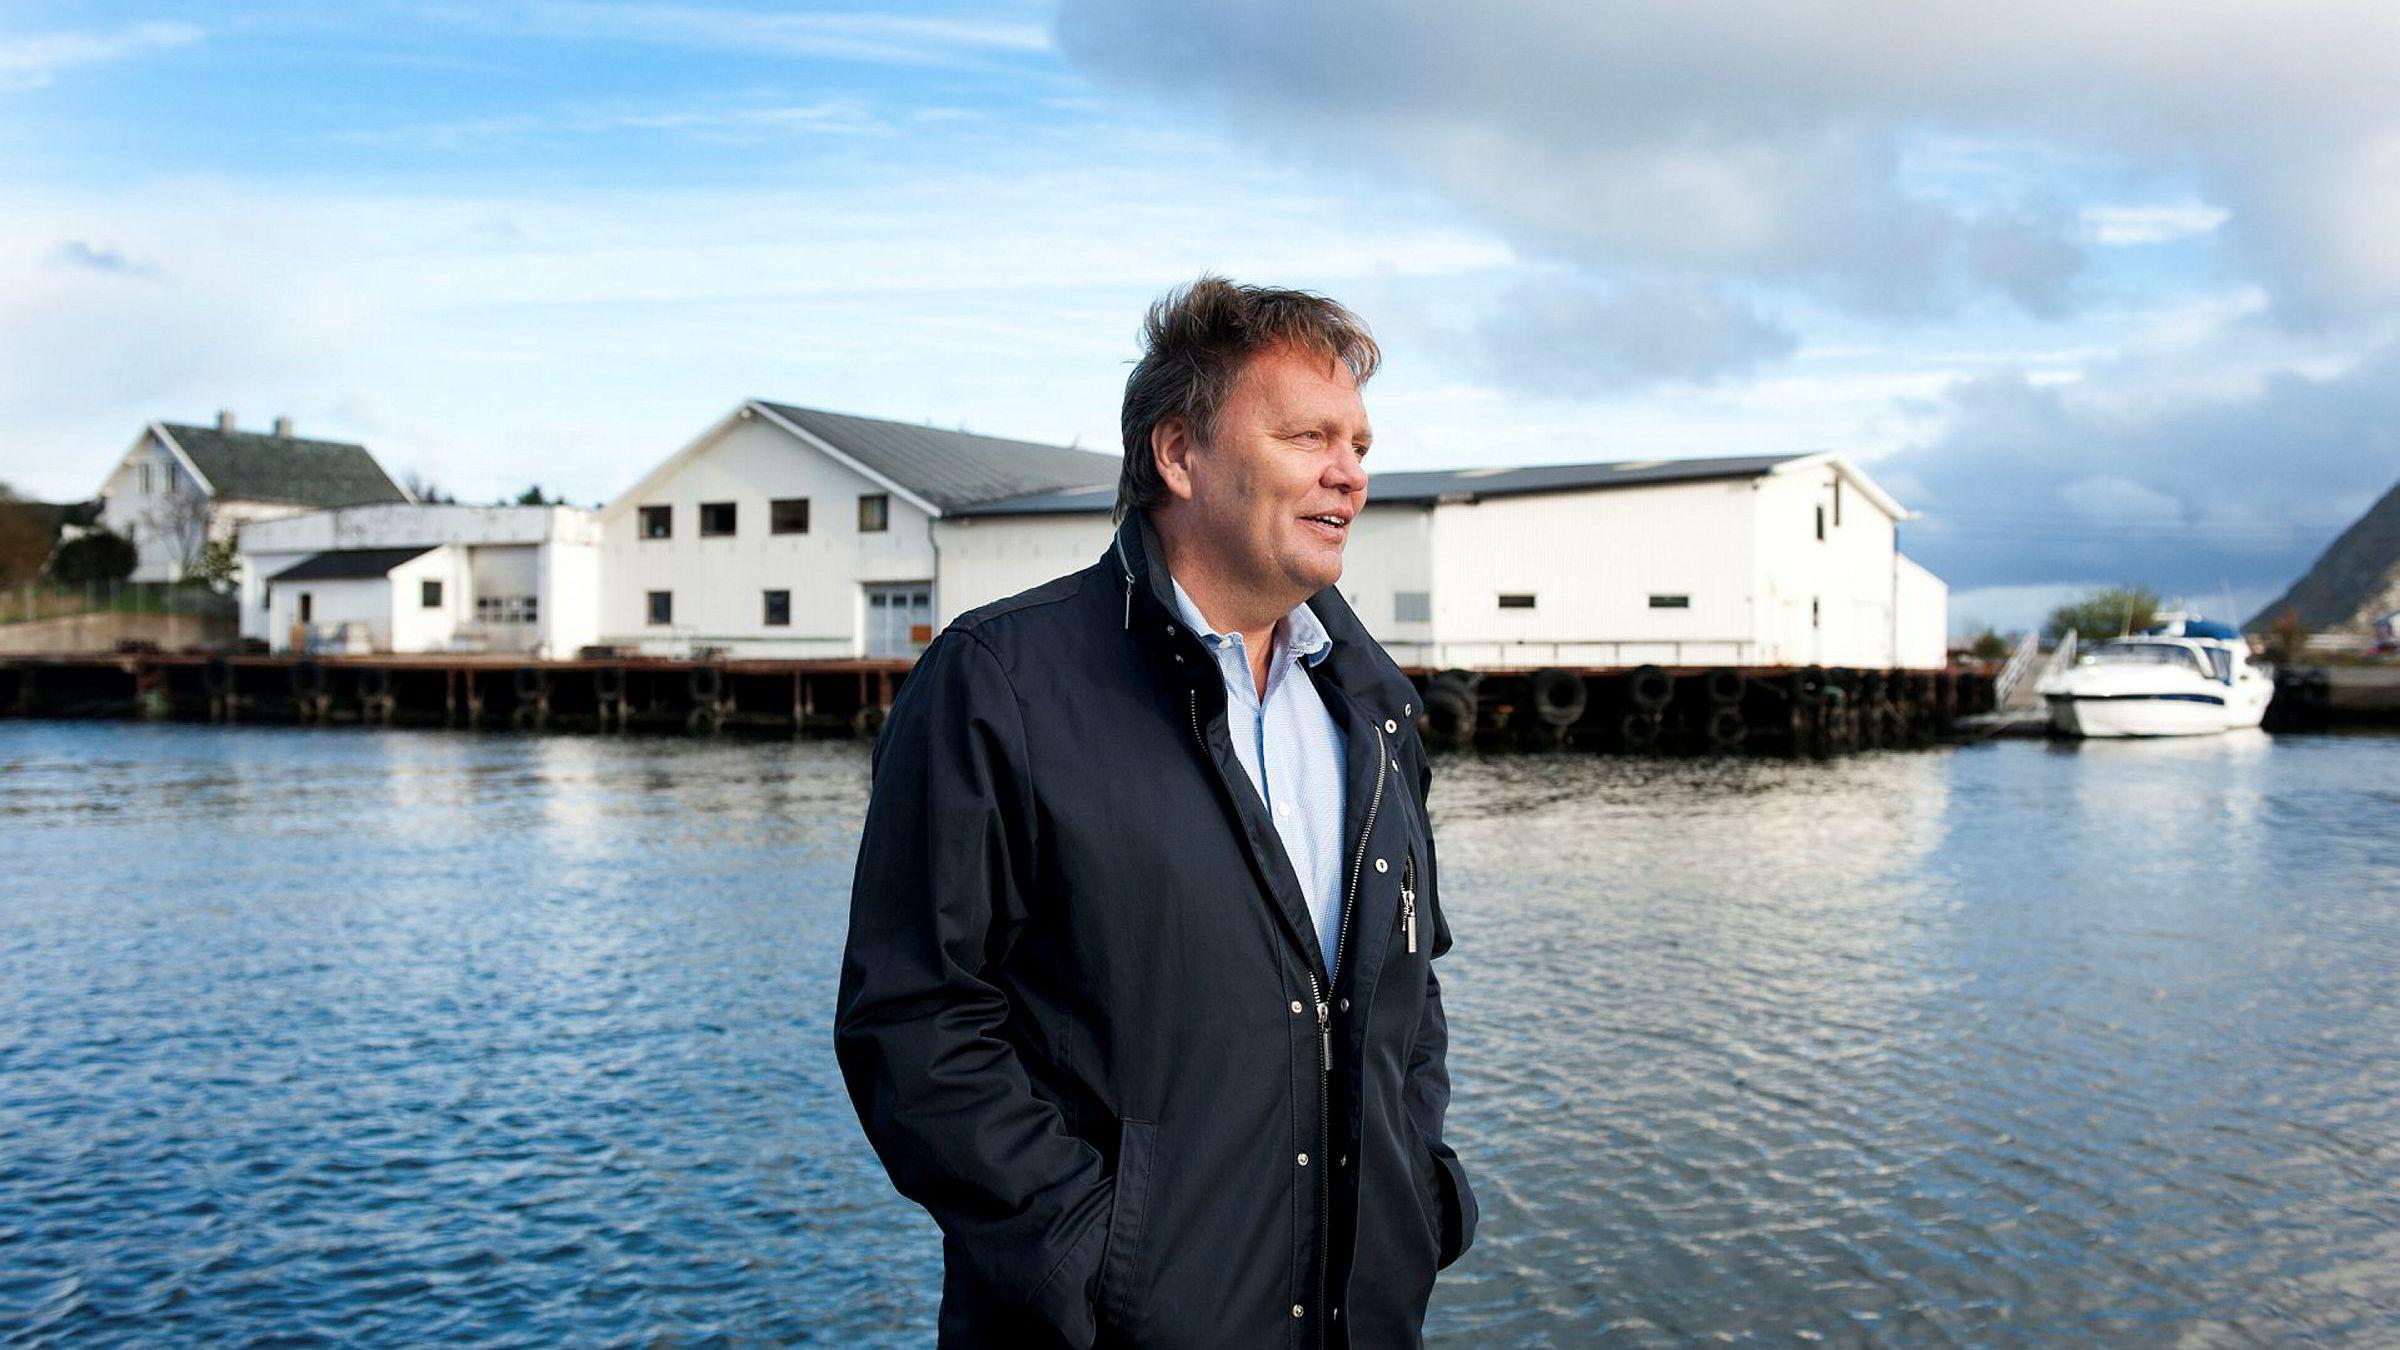 Stig Remøy krillselskap Emerald fiskernes er slått konkurs etter et halvt års gjeldsforhandlinger.